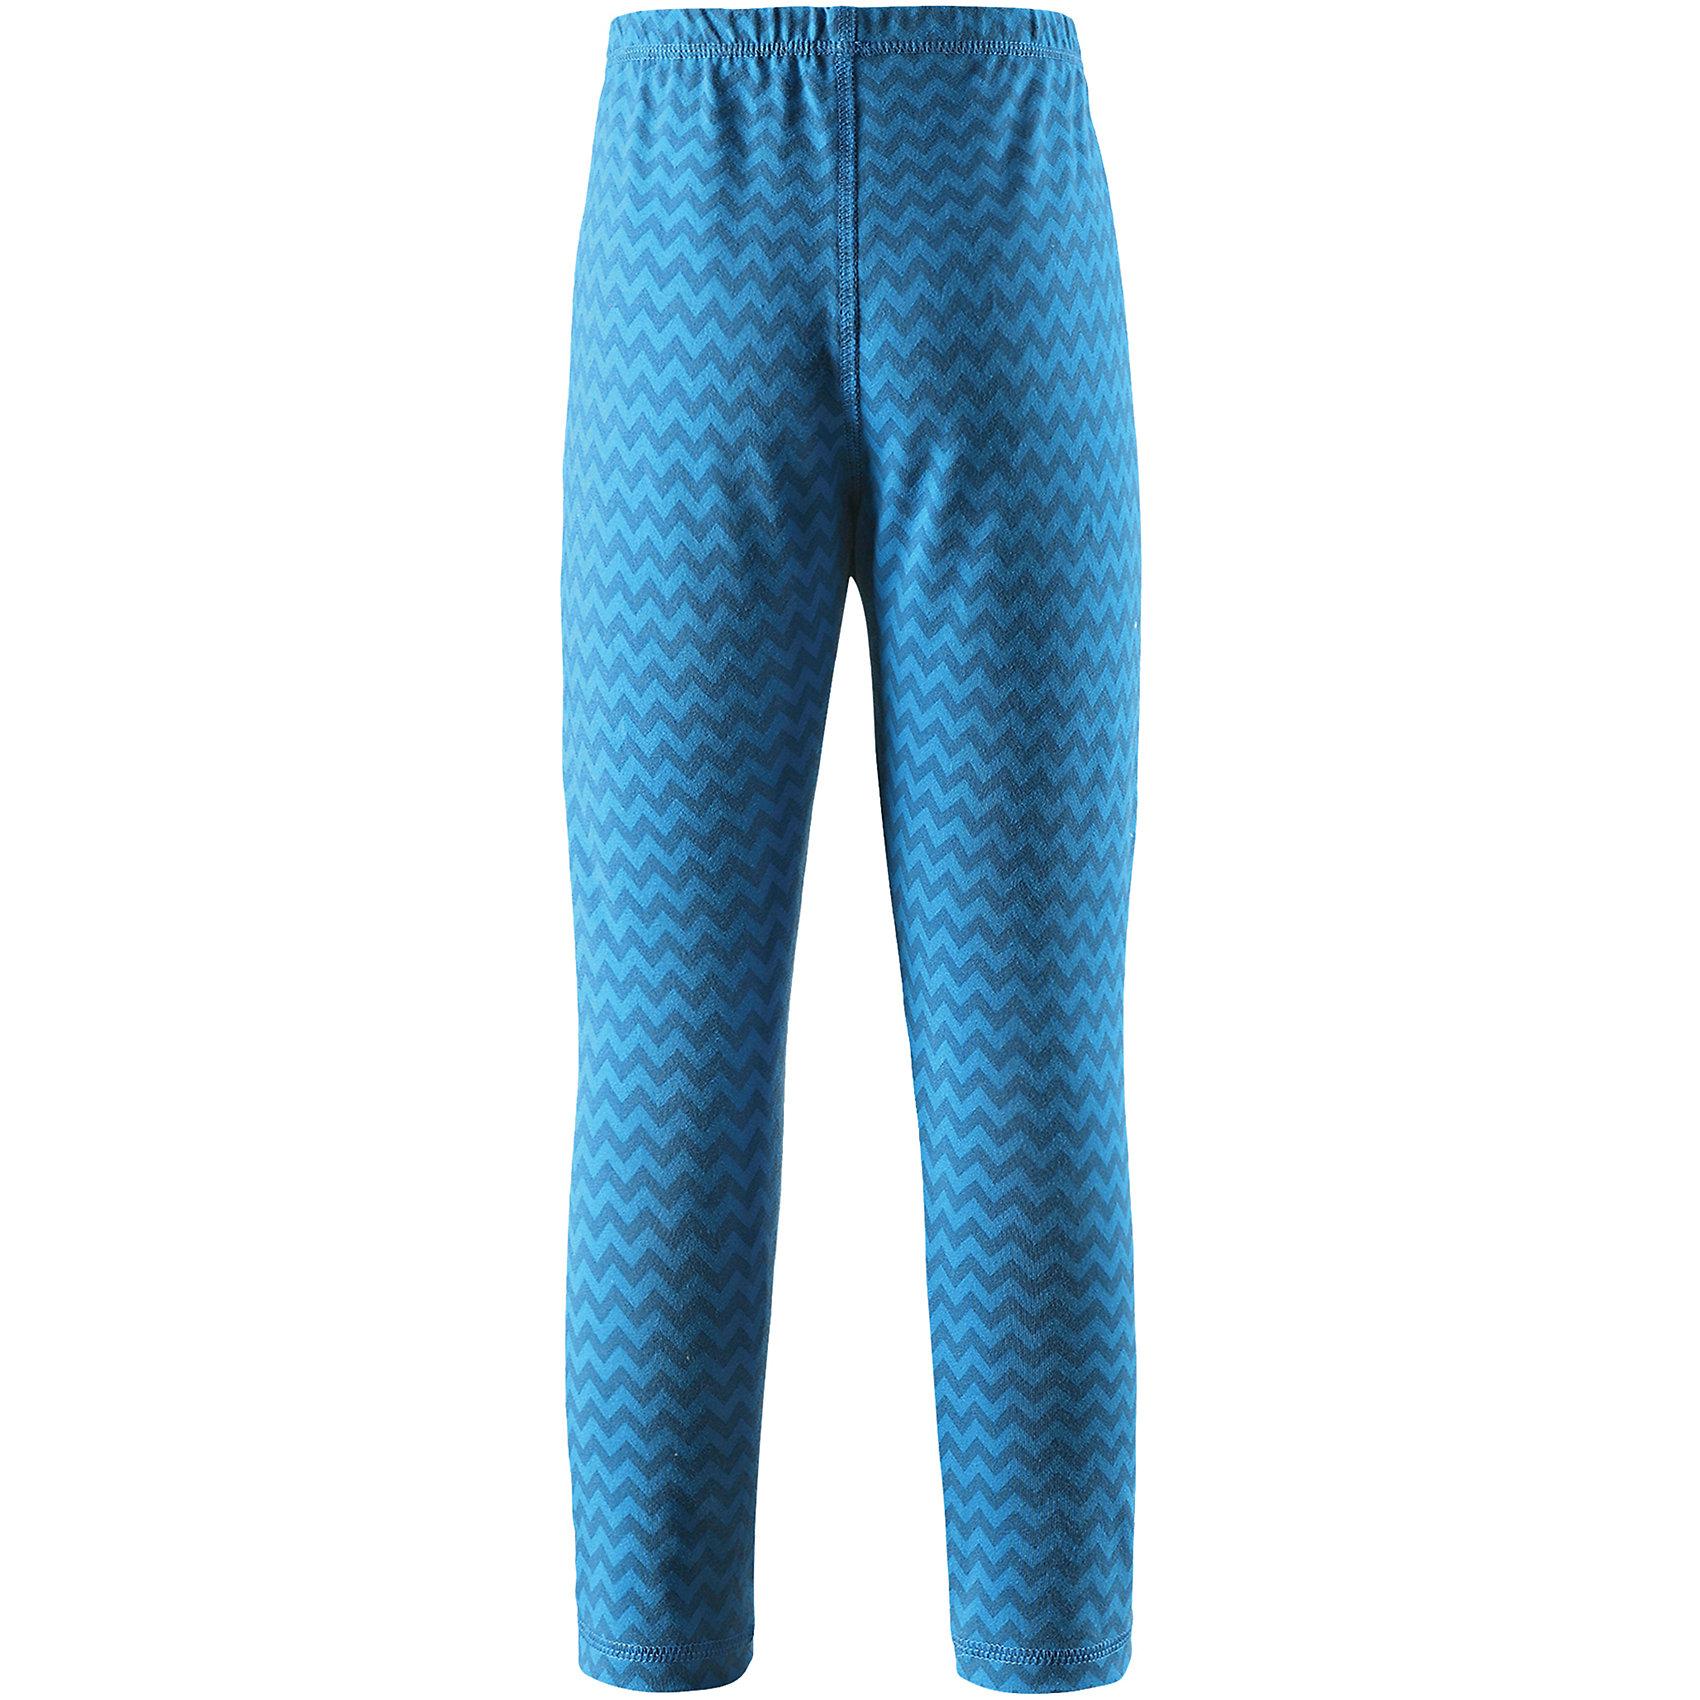 Брюки Reima ToimiiФлис и термобелье<br>Характеристики товара:<br><br>• цвет: голубой;<br>• состав: 61% хлопок, 33% полиэстер, 6% эластан; <br>• сезон: демисезон;<br>• быстросохнущий материал Play jersey, приятный на ощупь;<br>• мягкий хлопчатобумажный верх, внутренняя поверхность хорошо выводит влагу;<br>• эластичная талия;<br>• страна бренда: Финляндия;<br>• страна изготовитель: Китай;<br><br>Леггинсы изготовлены из удобного быстросохнущего материала Play Jersey. Хлопковая поверхность очень мягкая и приятна на ощупь, а изнаночная сторона эффективно отводит влагу. Благодаря эластану, ткань тянется, обеспечивает комфорт и не сковывает движений во время подвижных веселых игр. Одежду Play Jersey можно носить круглый год – материал имеет УФ-защиту 40+. <br><br>Брюки Toimii Reima (Рейма) можно купить в нашем интернет-магазине.<br><br>Ширина мм: 215<br>Глубина мм: 88<br>Высота мм: 191<br>Вес г: 336<br>Цвет: синий<br>Возраст от месяцев: 84<br>Возраст до месяцев: 96<br>Пол: Унисекс<br>Возраст: Детский<br>Размер: 128,98,104,140,146,152,158,164,92,134,110,116,122<br>SKU: 6906151